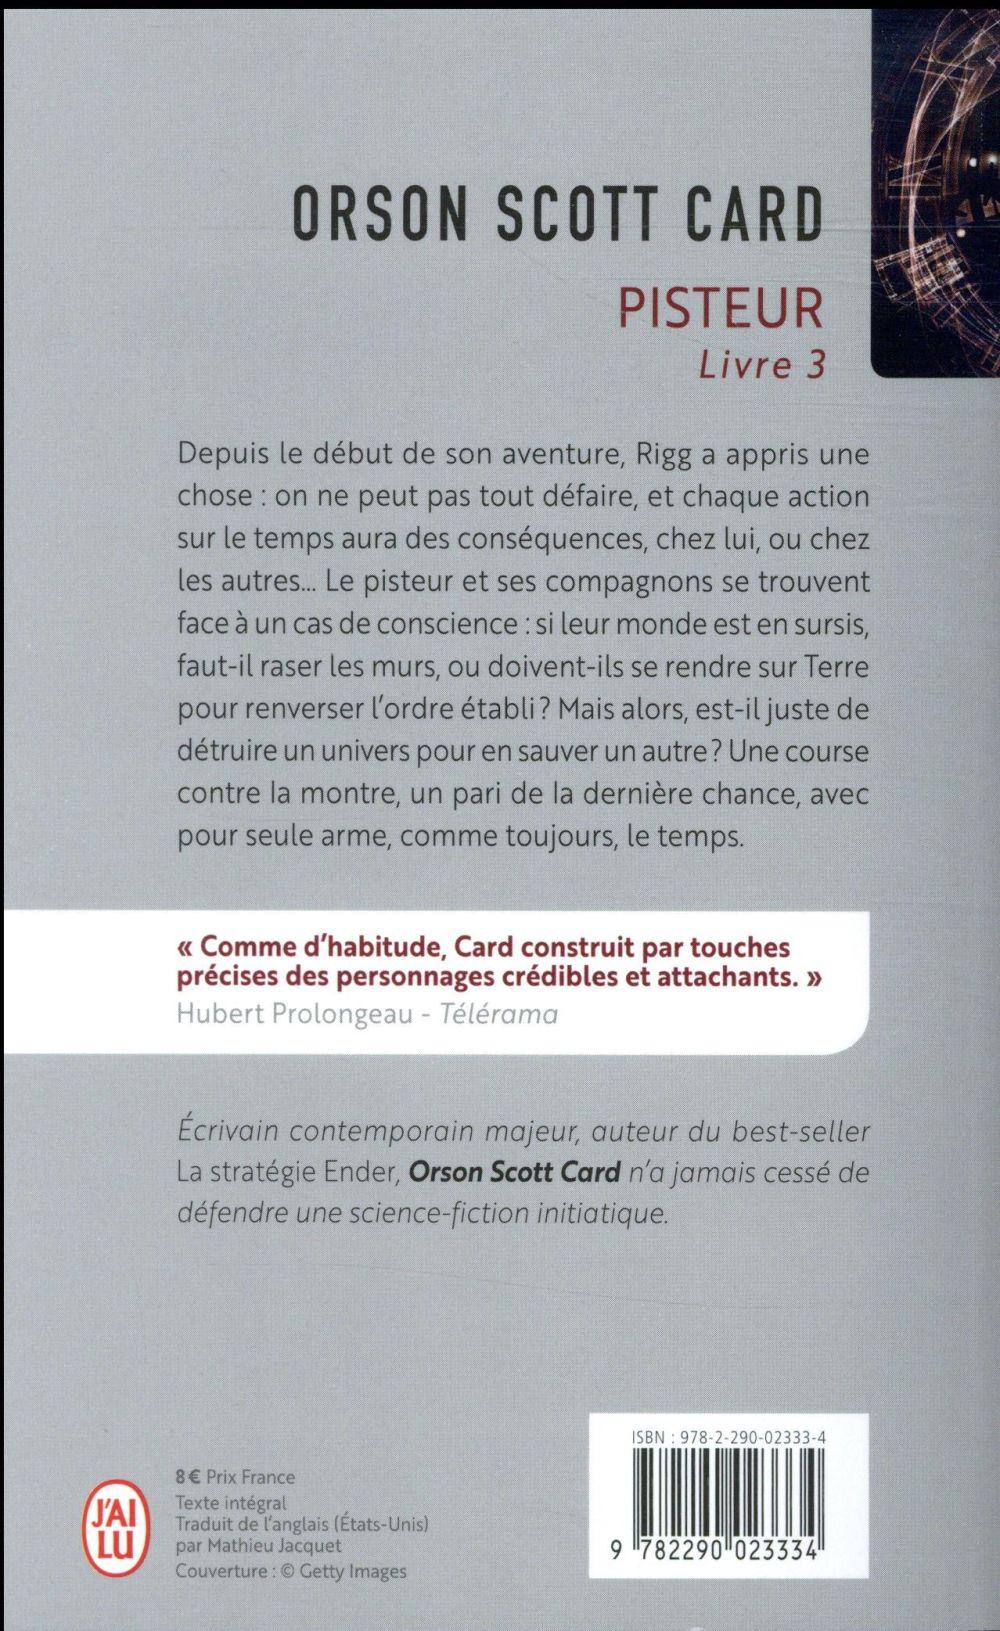 Pisteur, livre 3